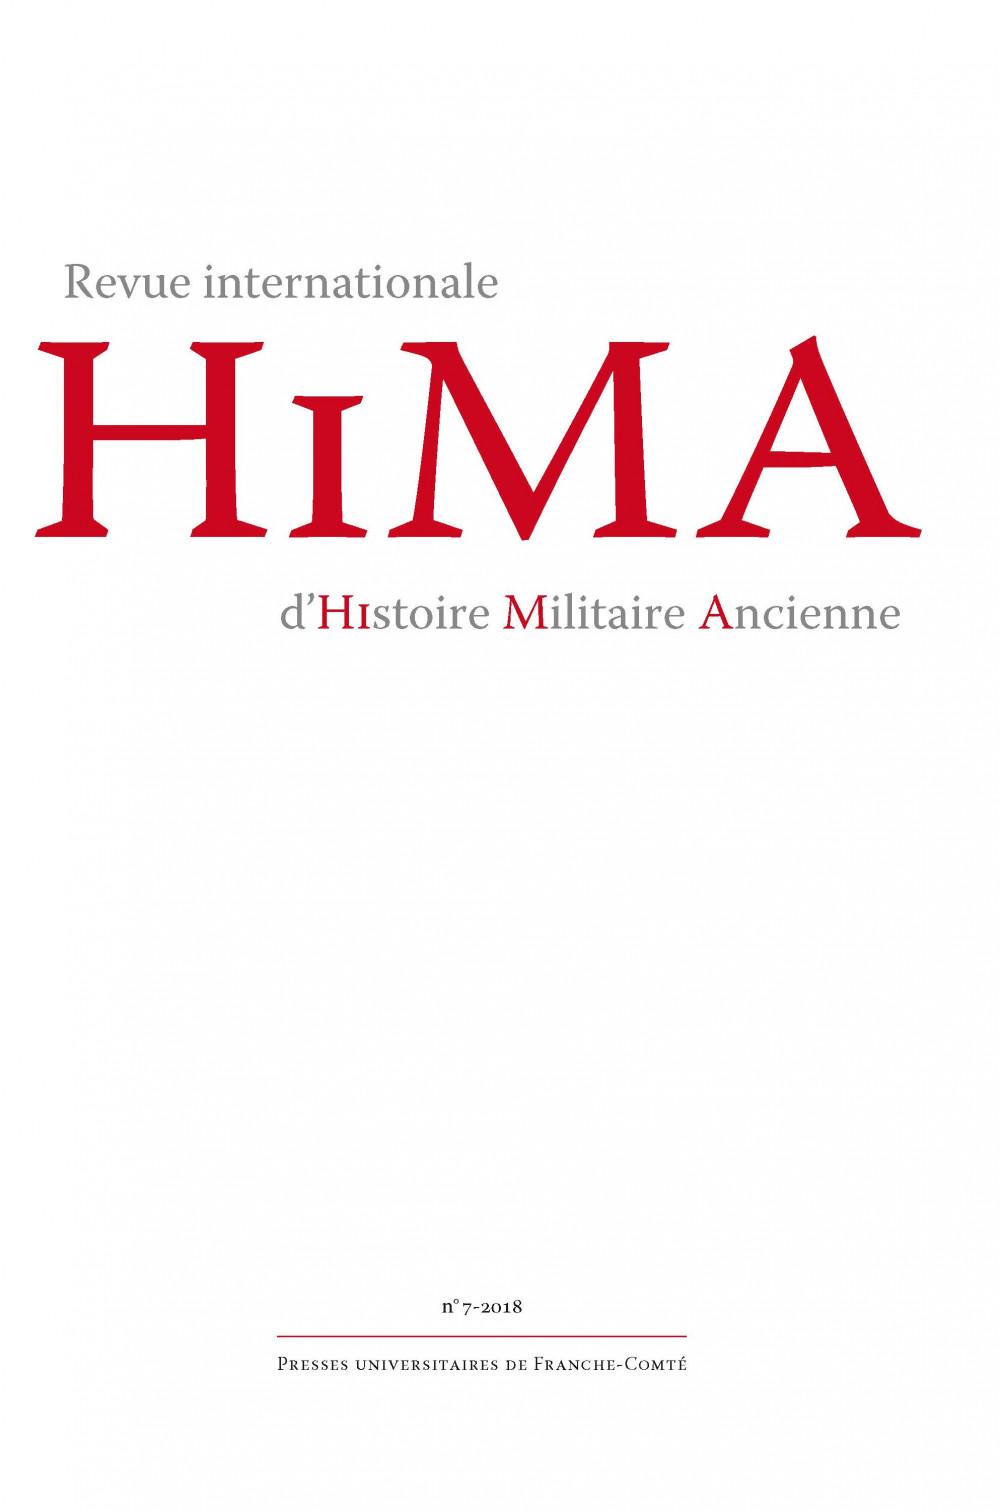 Revue internationale d'Histoire Militaire Ancienne – HiMA 7, 2018